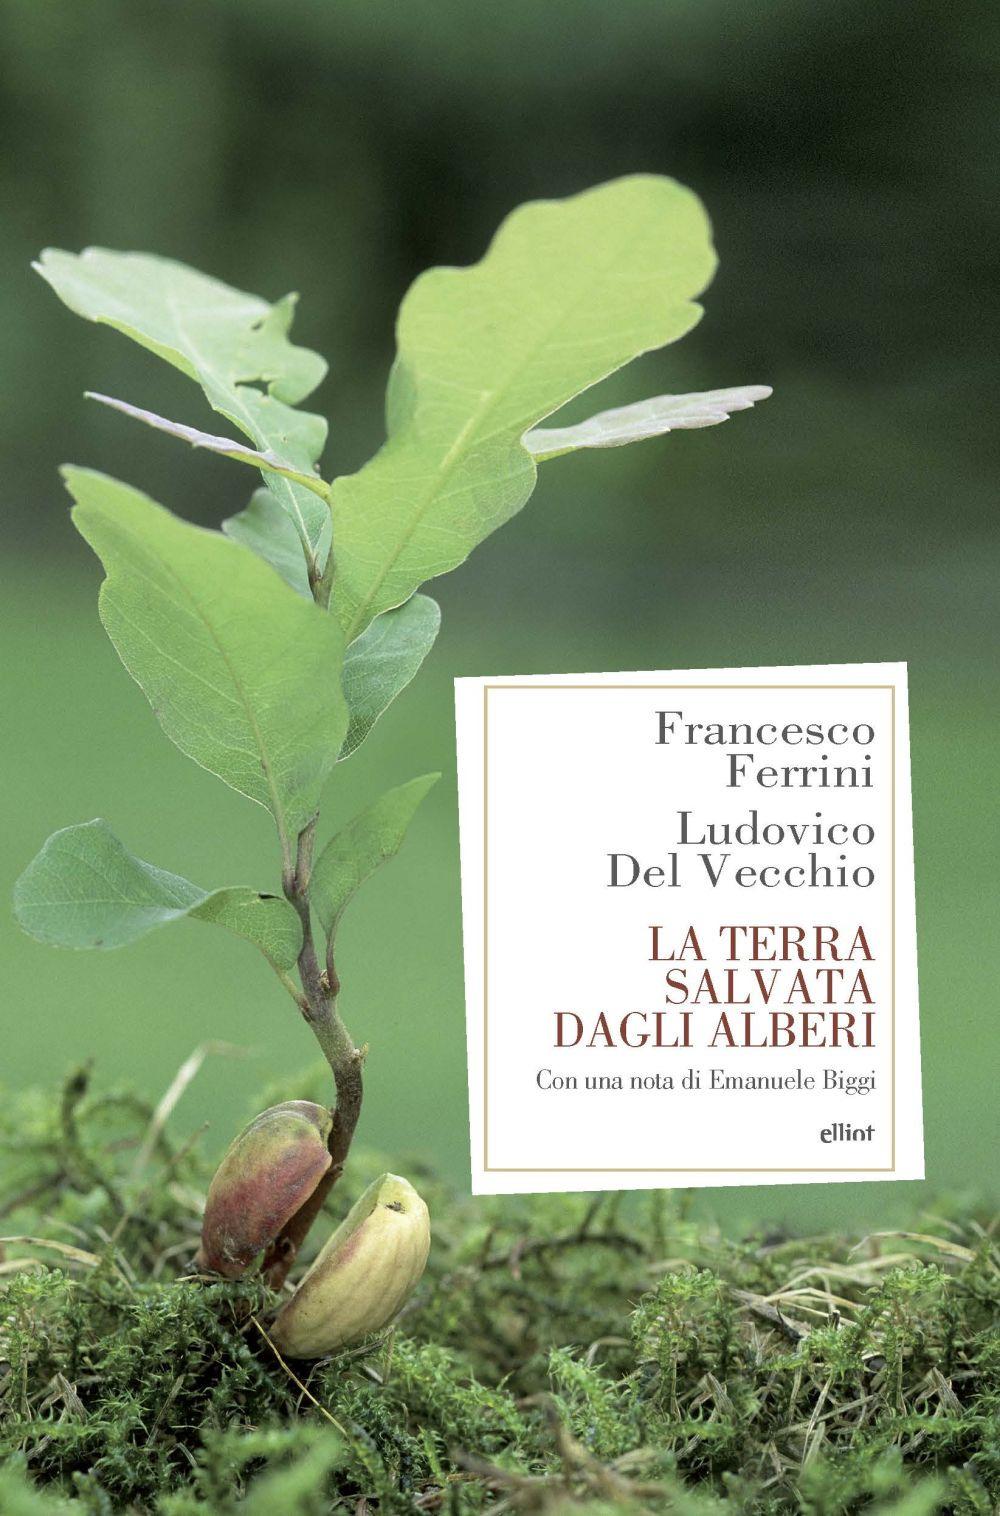 TERRA SALVATA DAGLI ALBERI (LA) - Ferrini Francesco; Del Vecchio Ludovico - 9788869939525